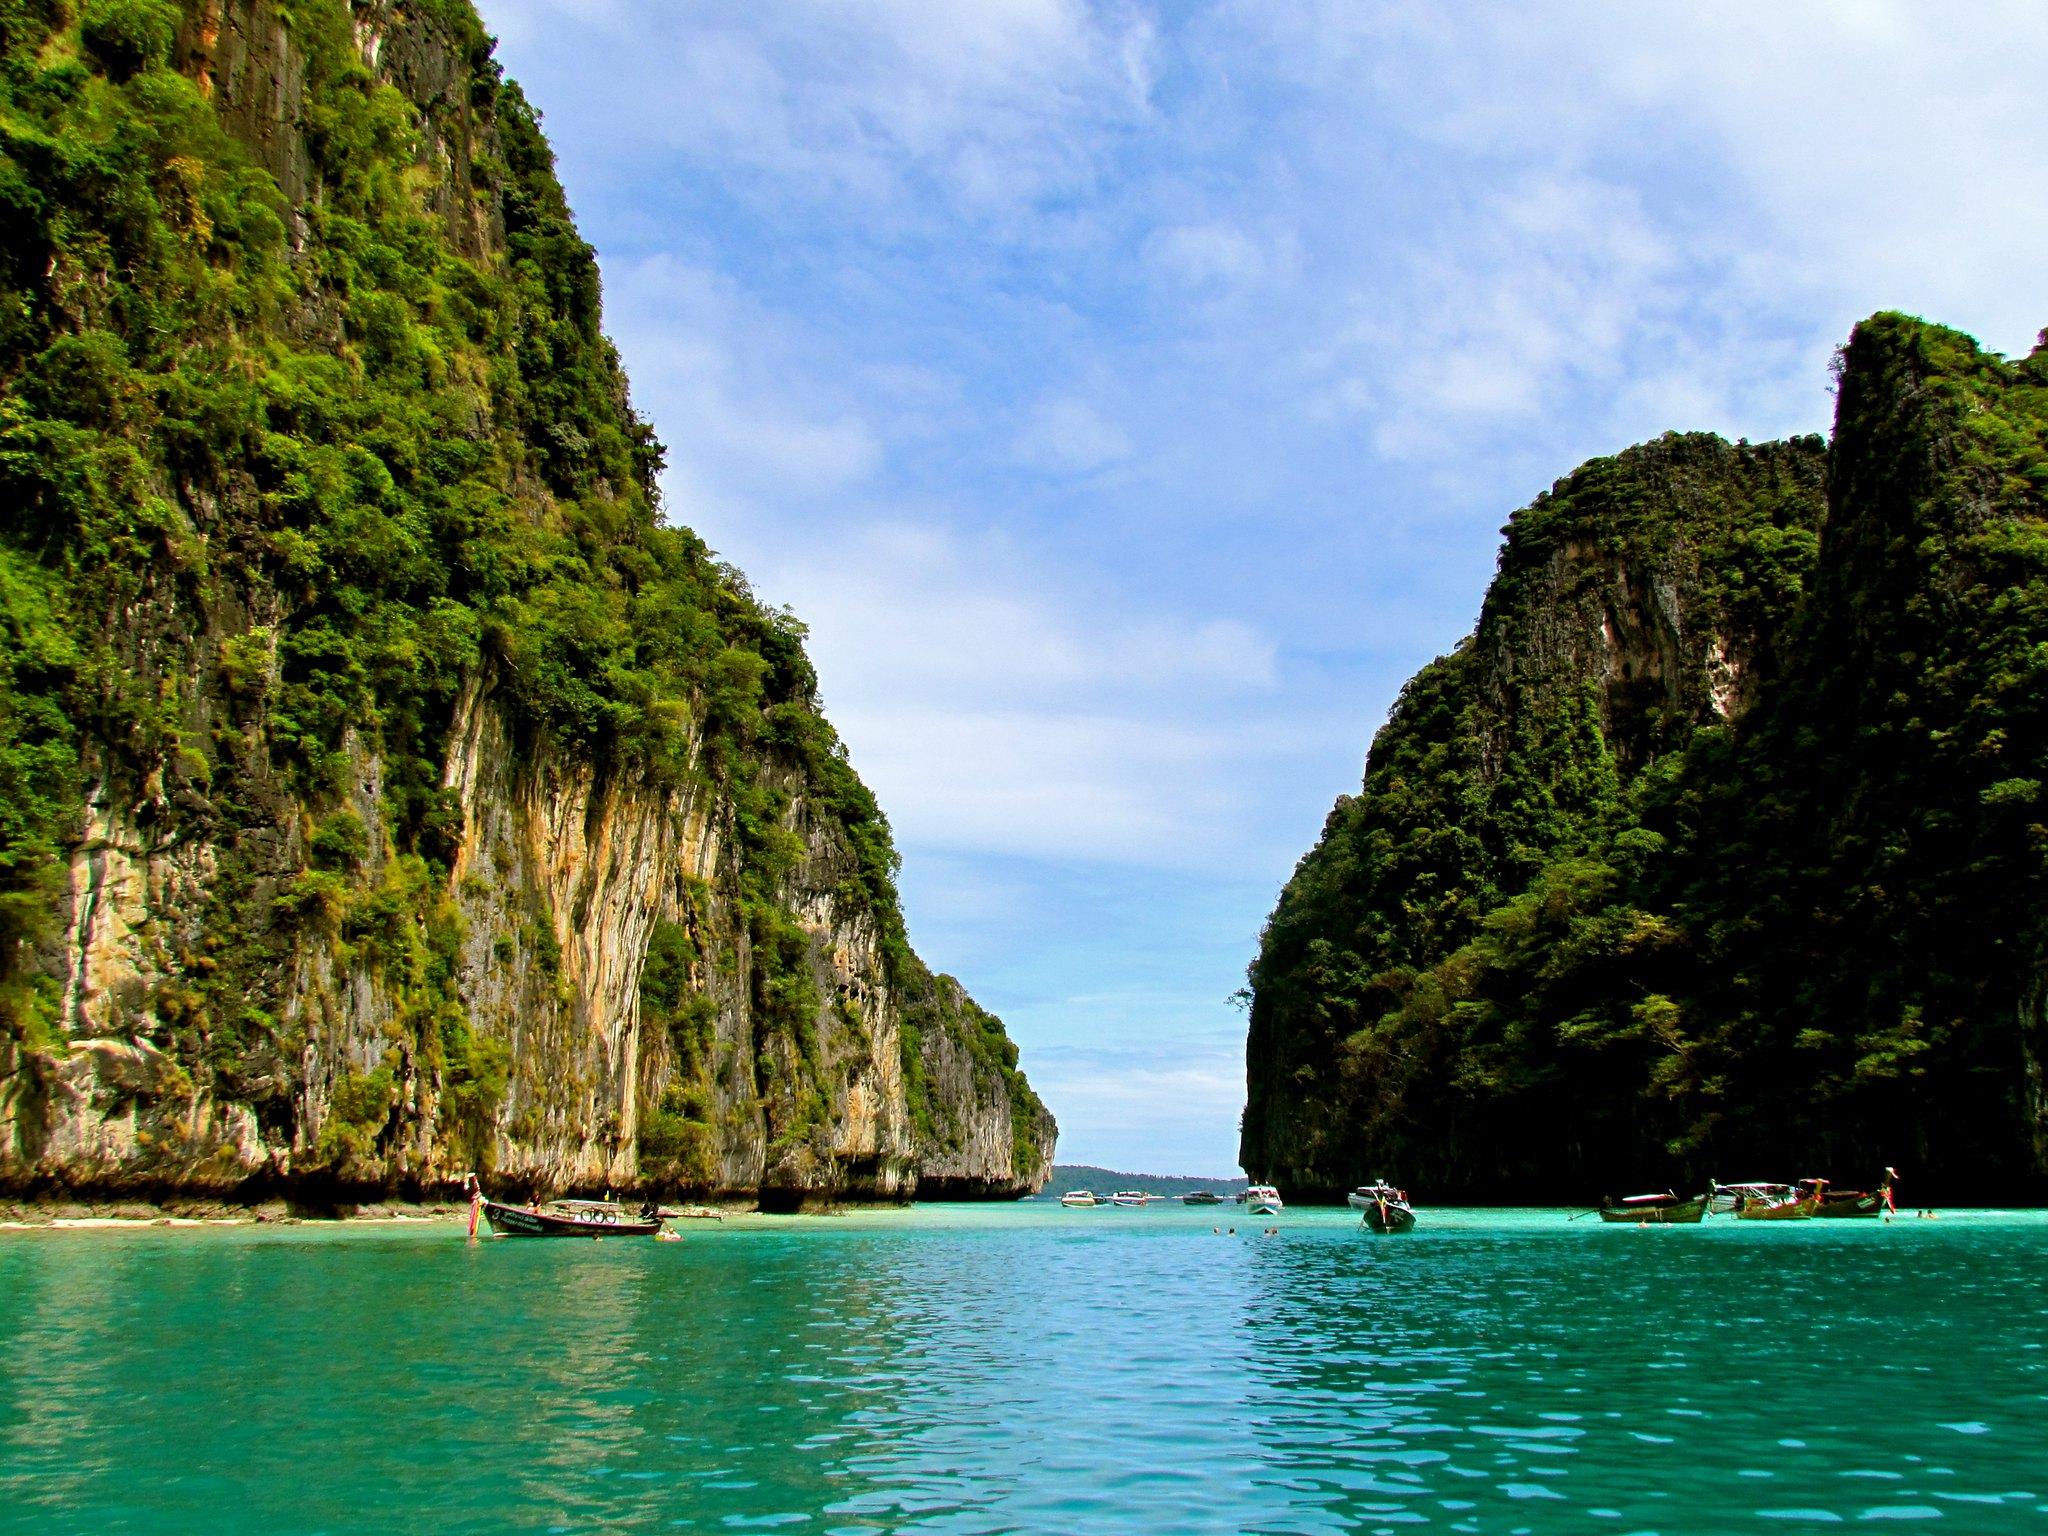 Phuket-Amazing Destination of Thailand